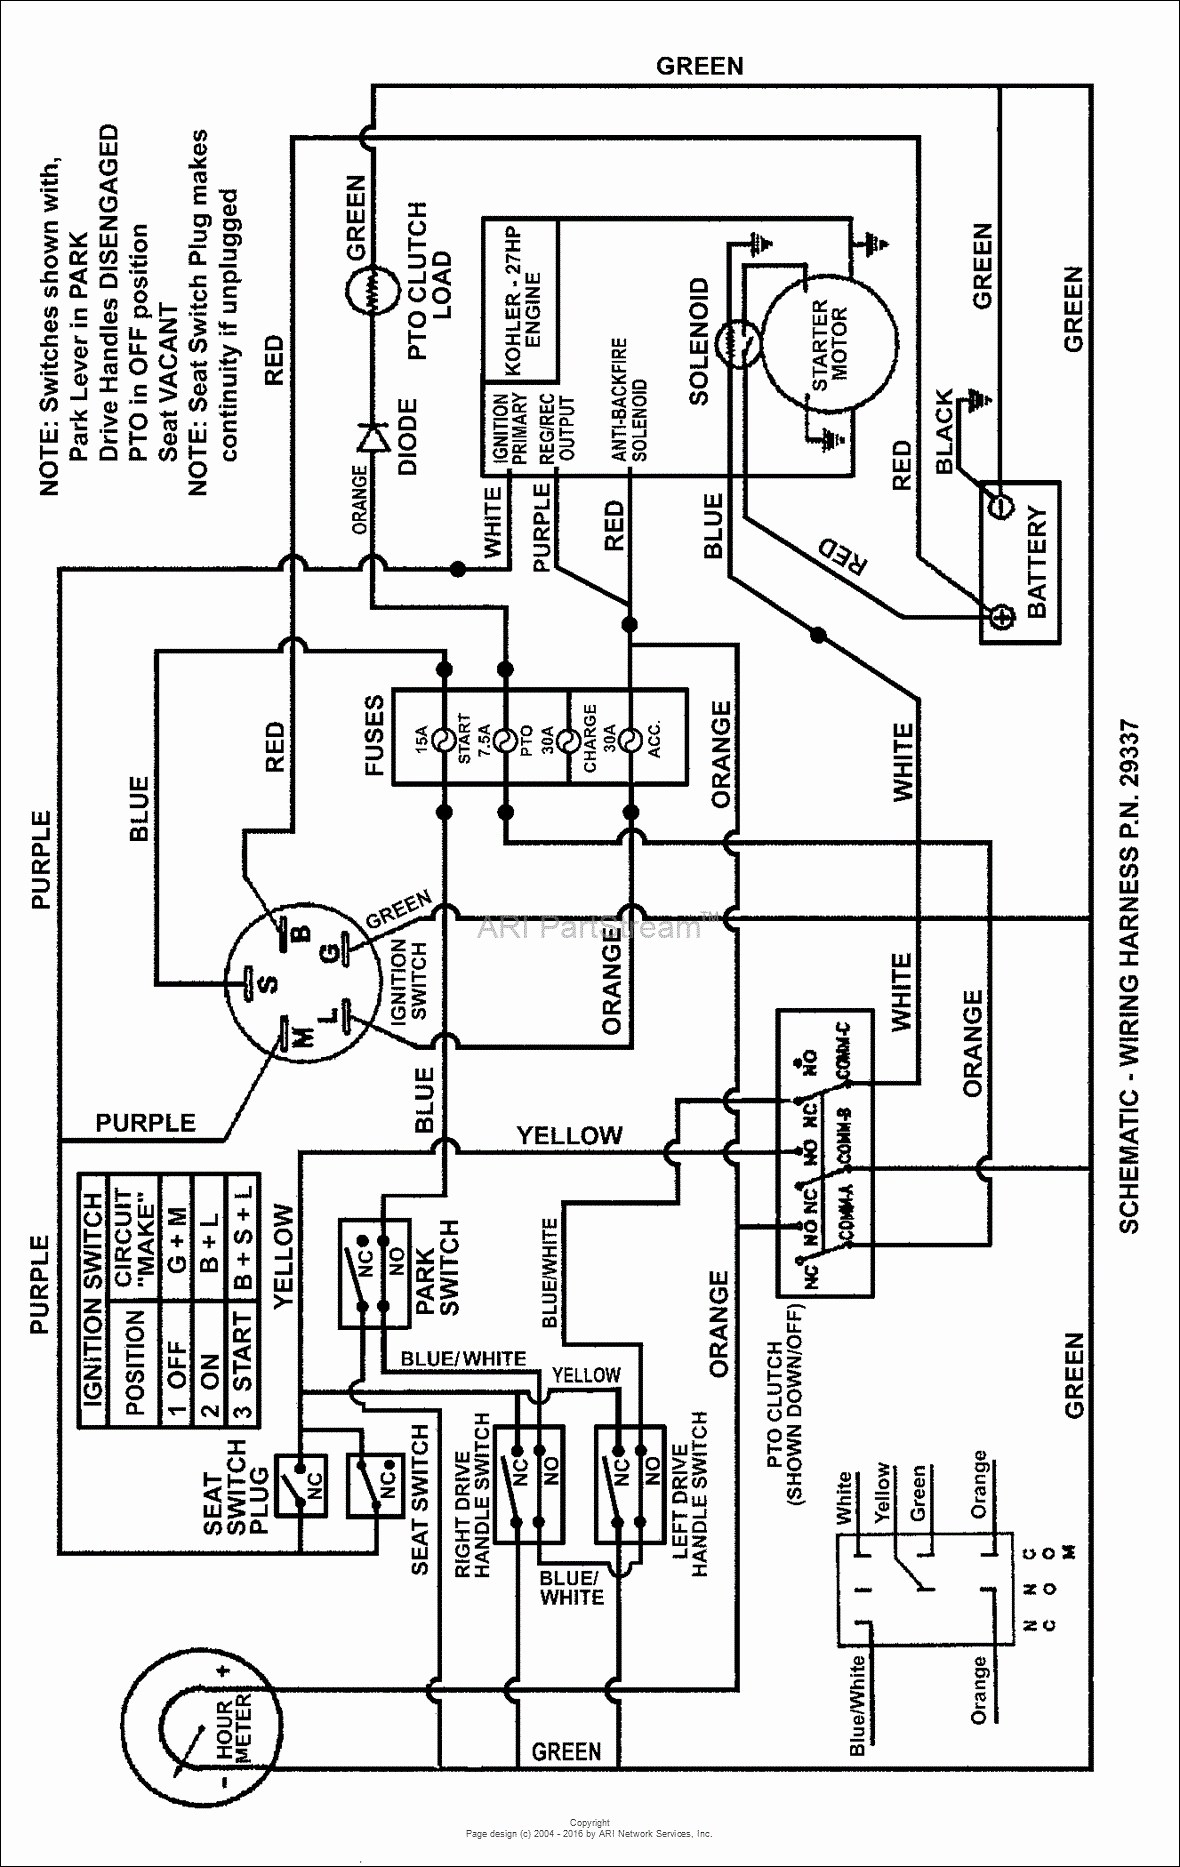 Kubota Charging System Wiring Diagram | Manual E-Books - Kubota Voltage Regulator Wiring Diagram